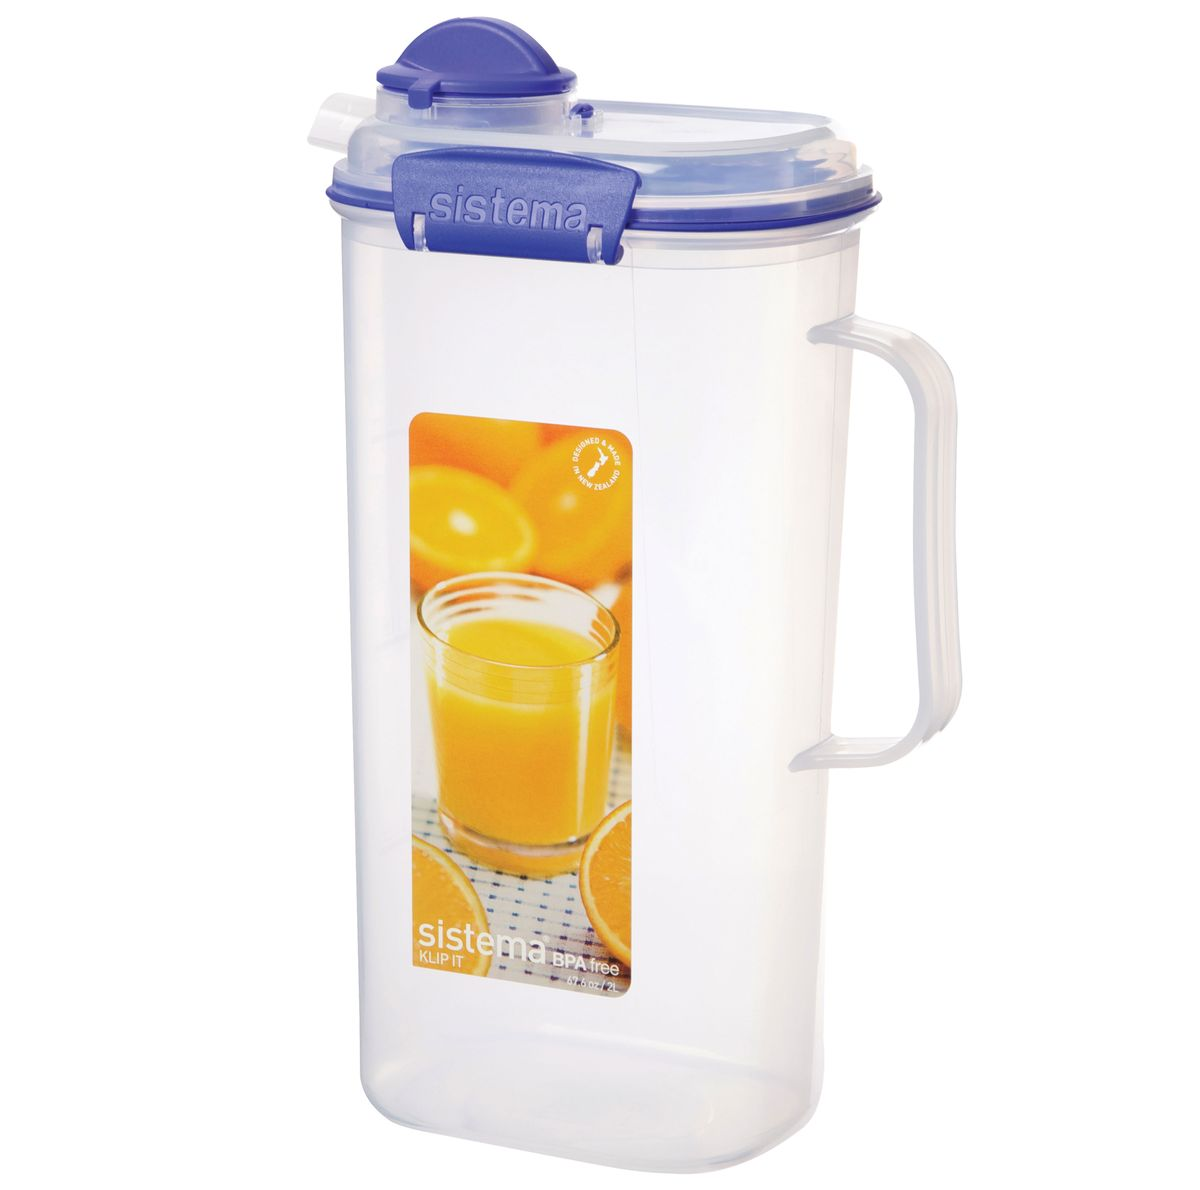 Кувшин для сока Sistema Klip It, 2 лVT-1520(SR)Кувшин Klip It предназначен для хранения напитков. Крышка с силиконовой прокладкой герметично закрывается. Можно мыть в посудомоечной машине.